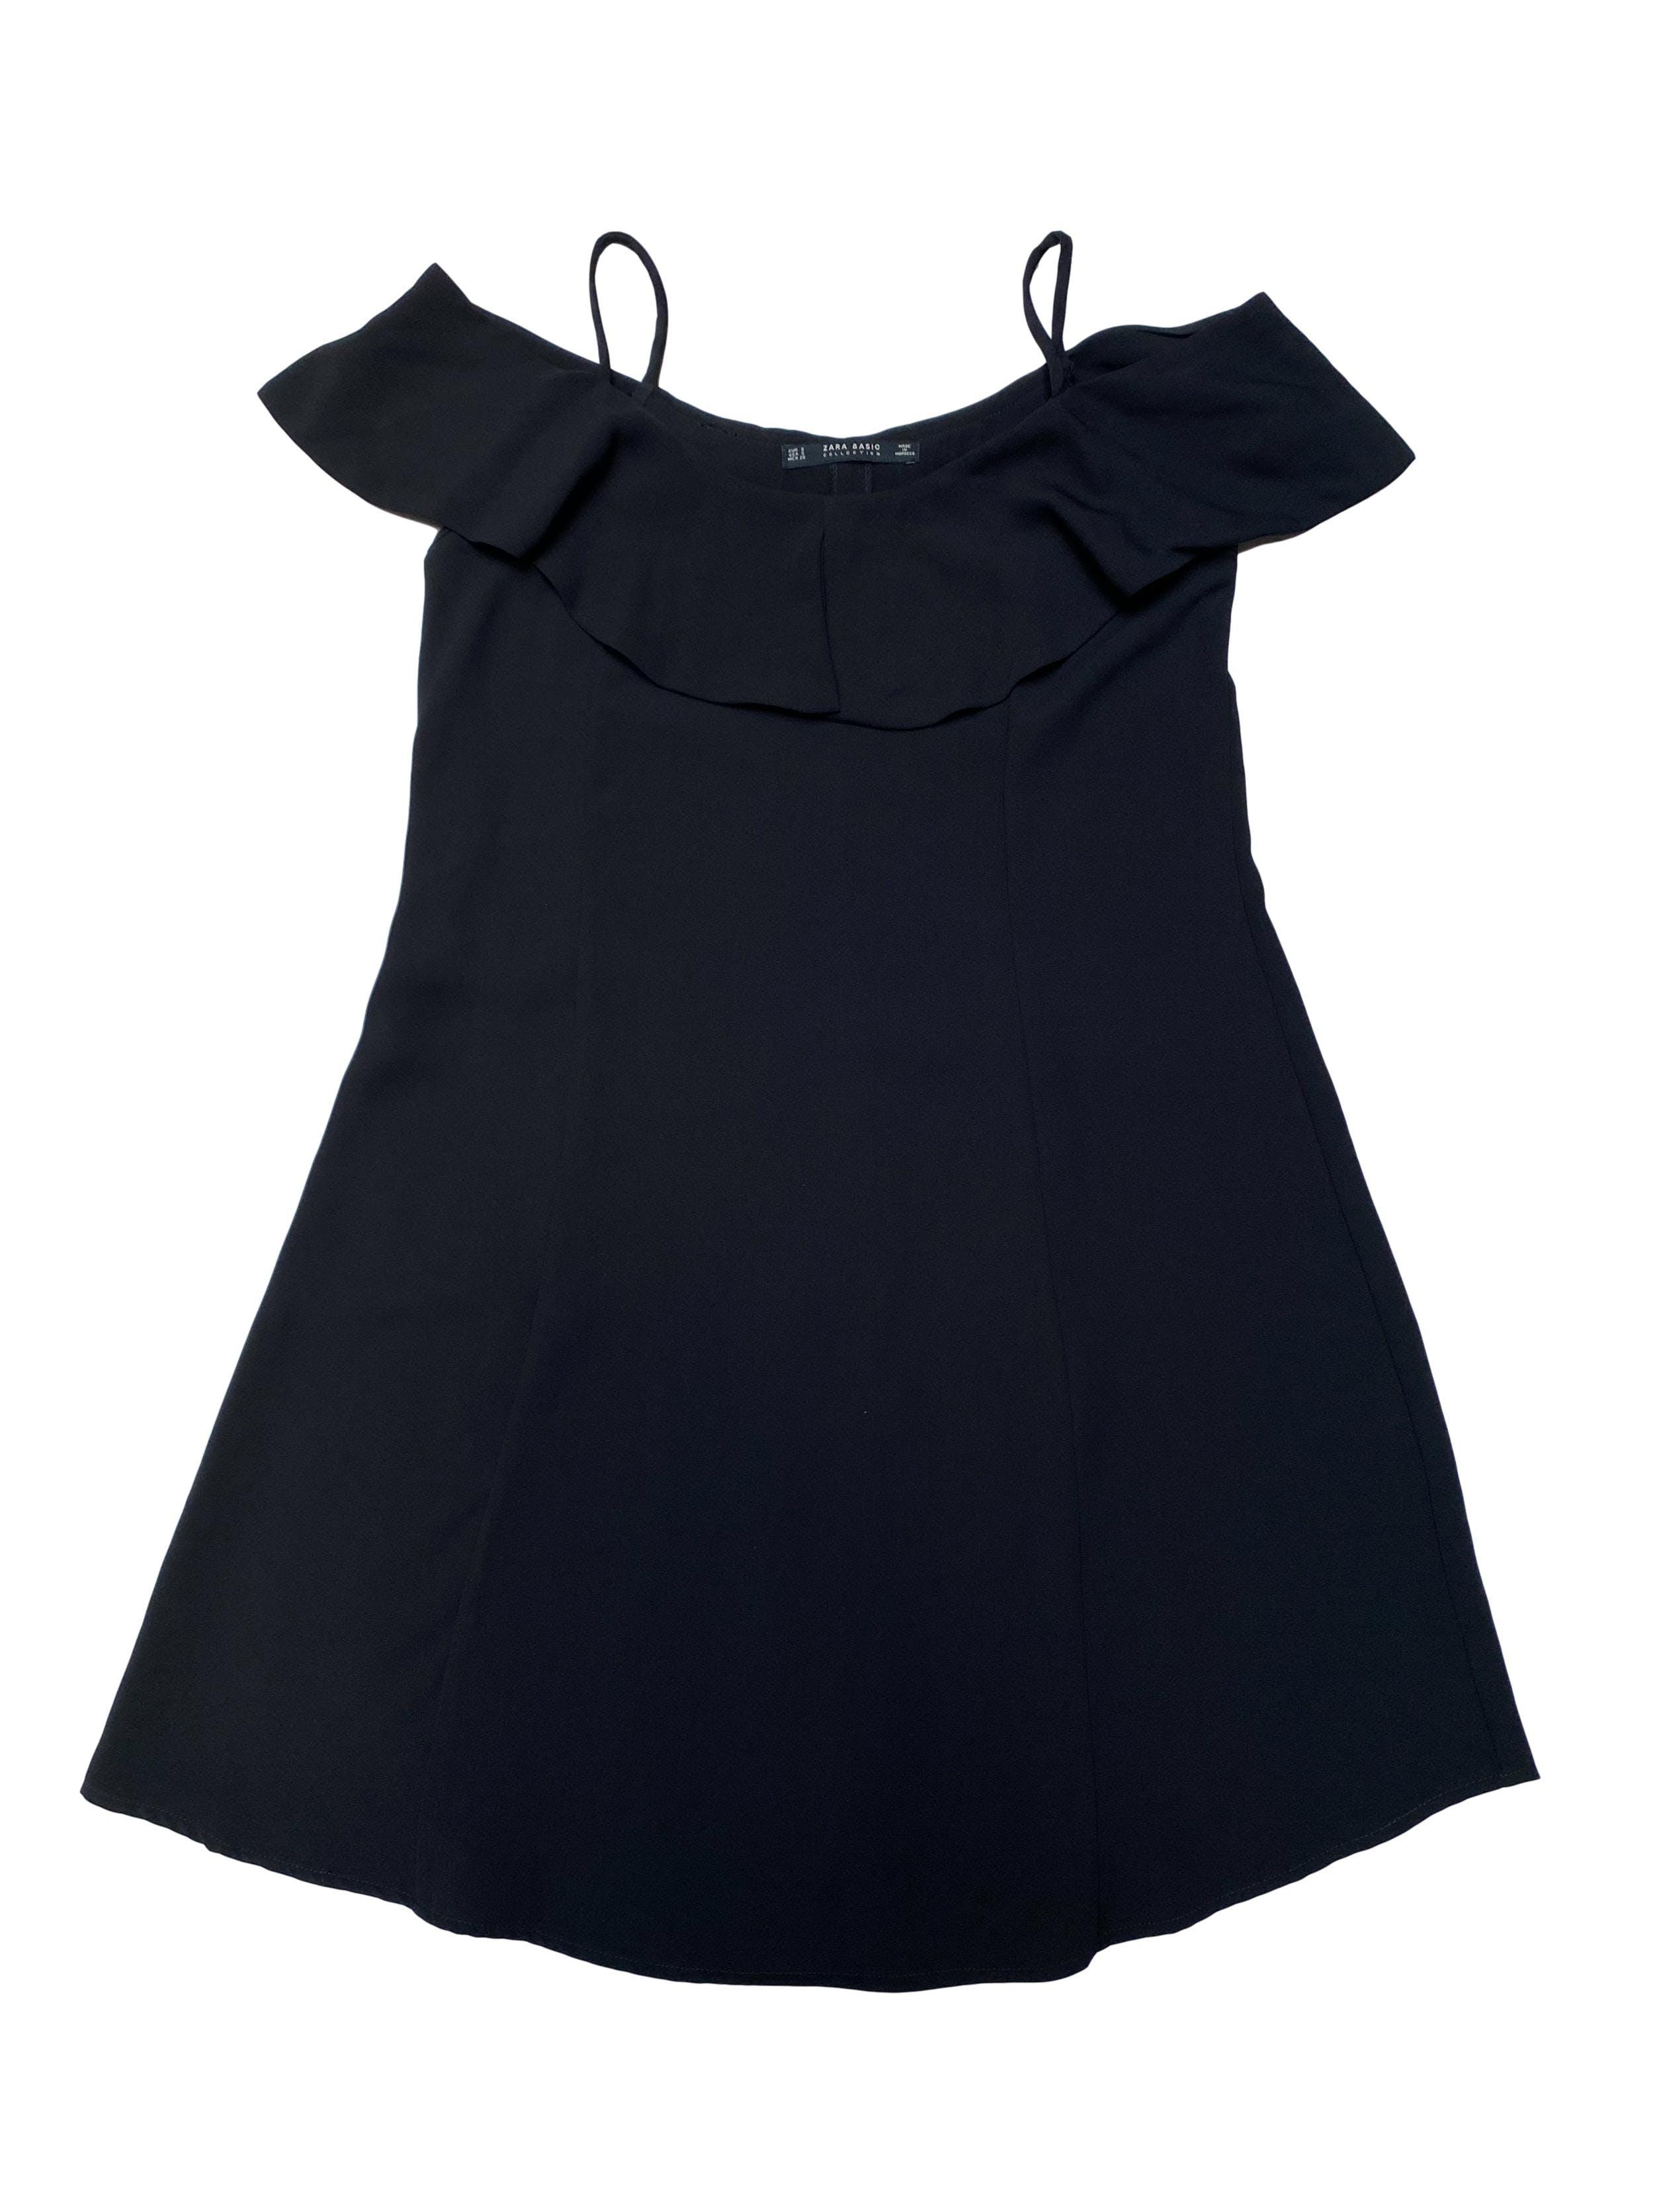 Vestido Zara off shoulder con tiras y volante, tela plana negra y corte en A. Largo 85cm